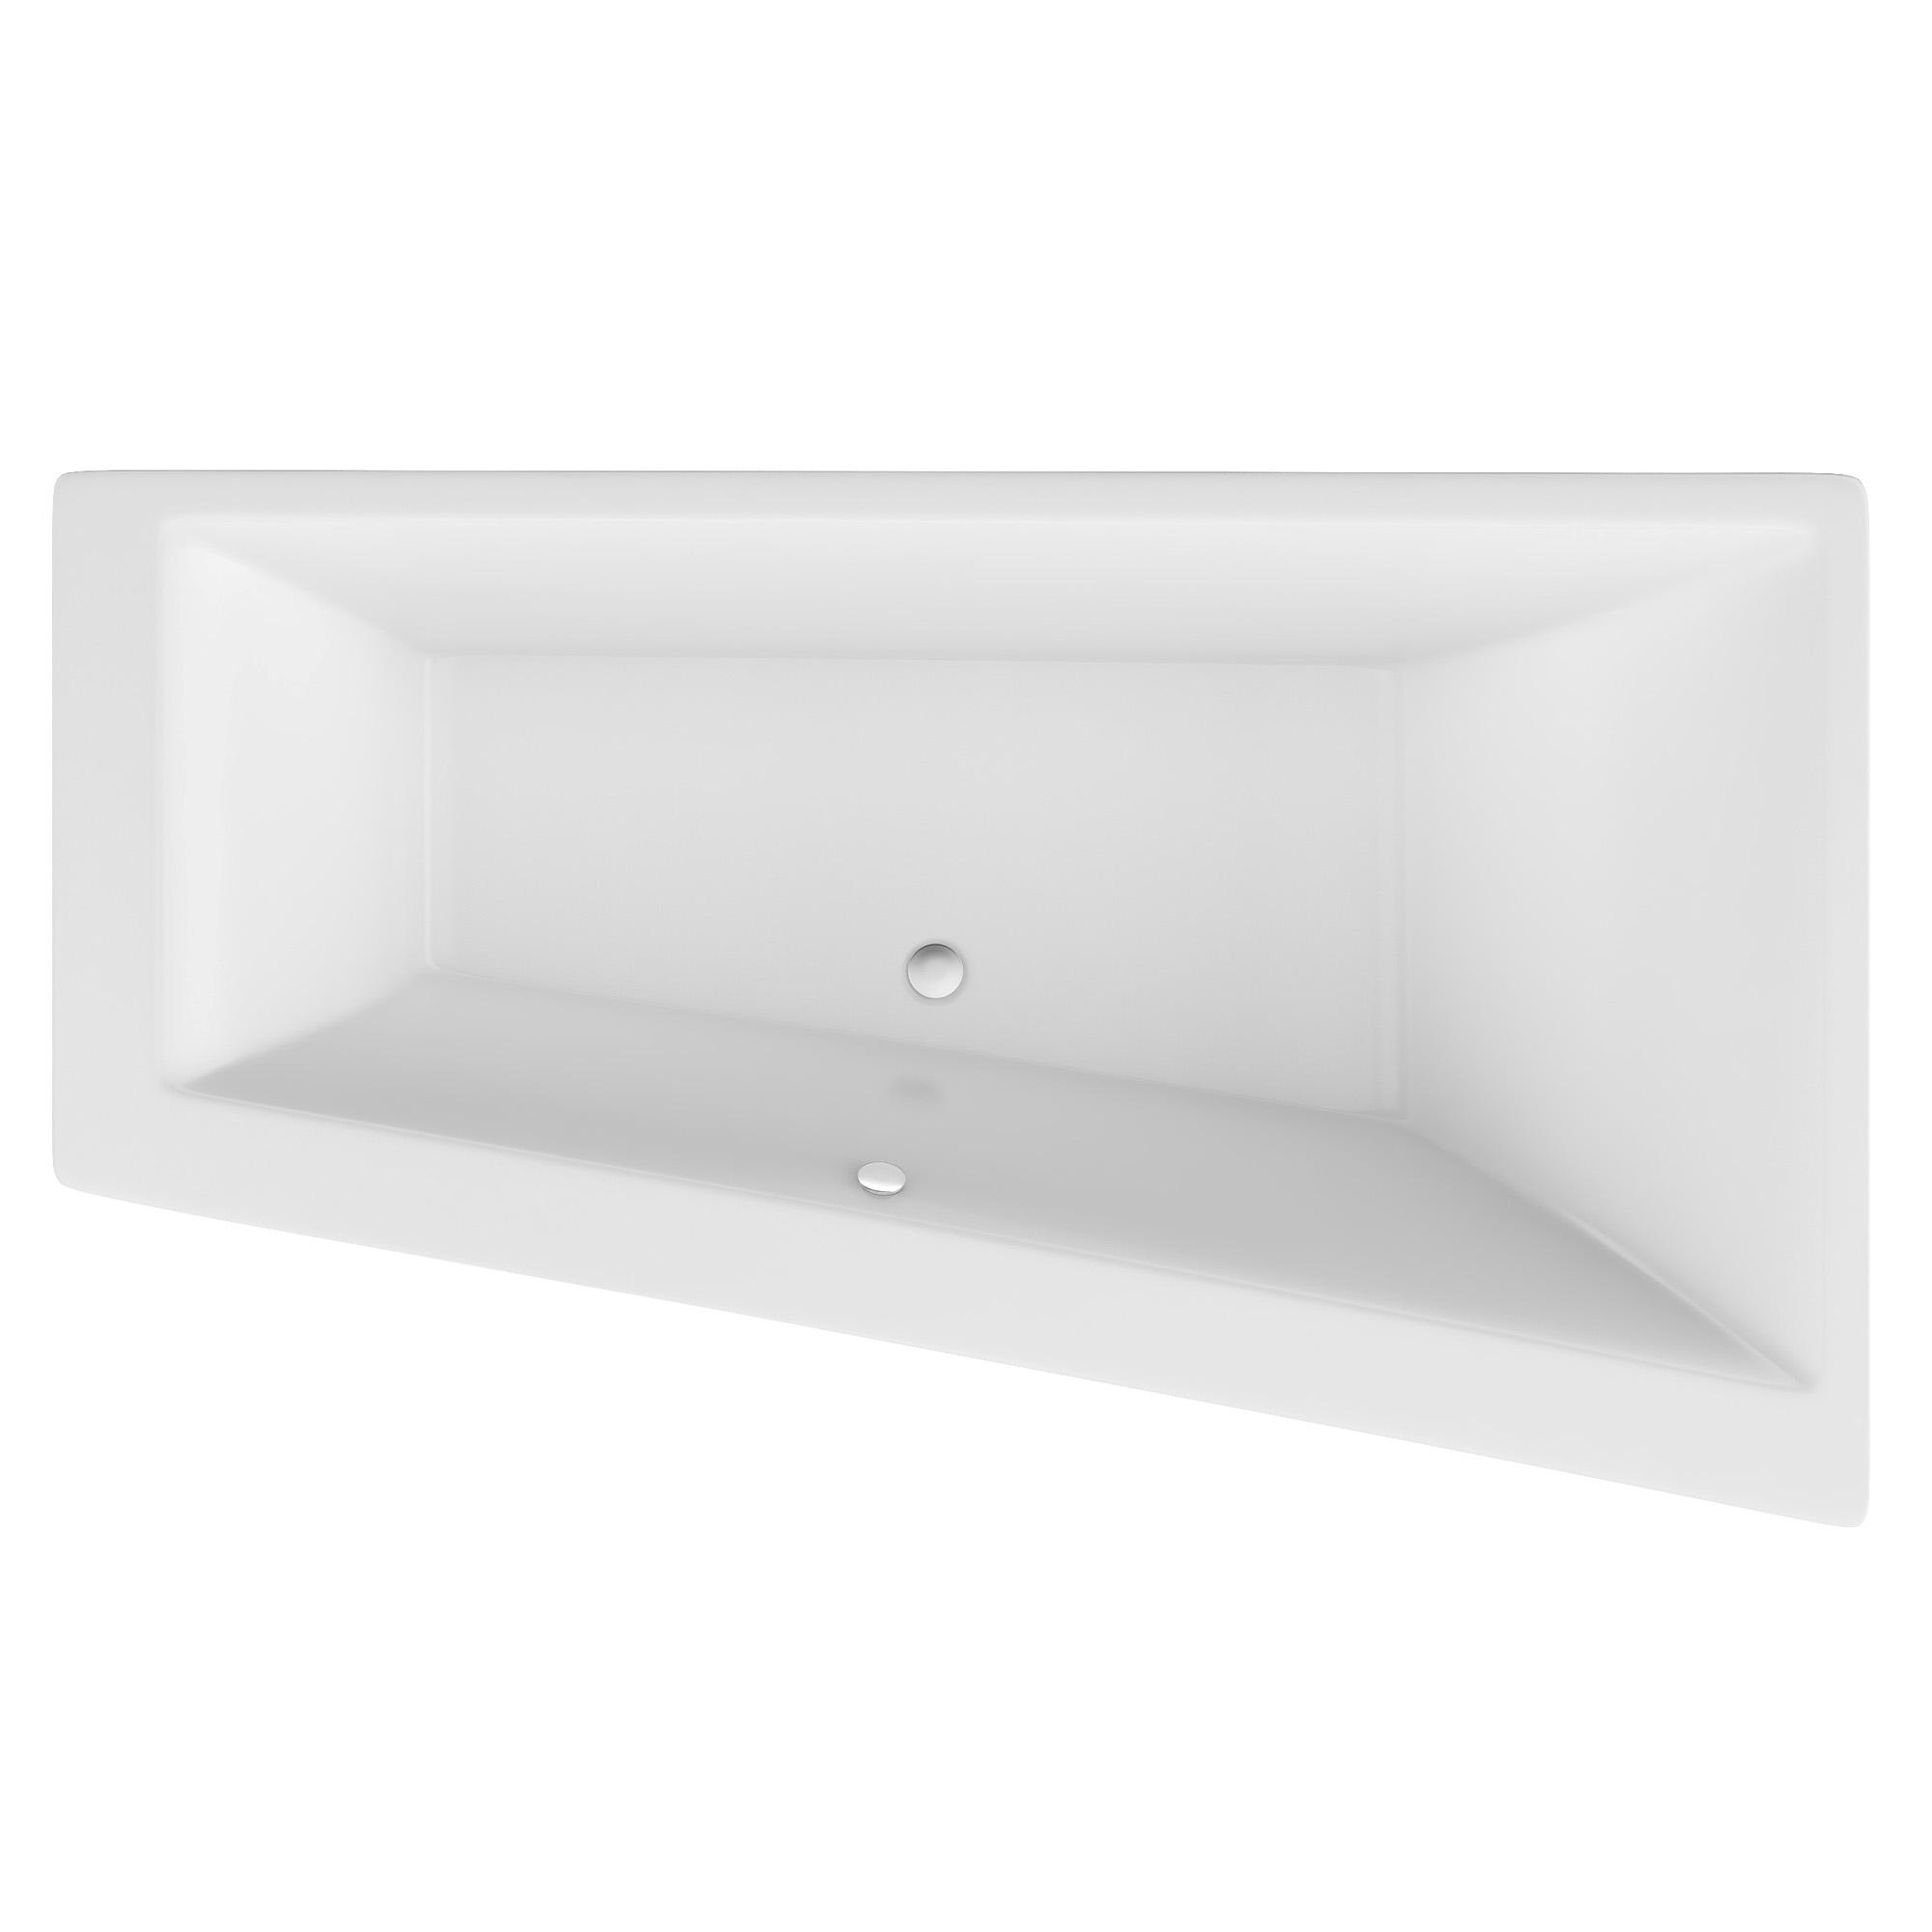 Акриловая ванна Excellent Sfera Slim 170x100 правая